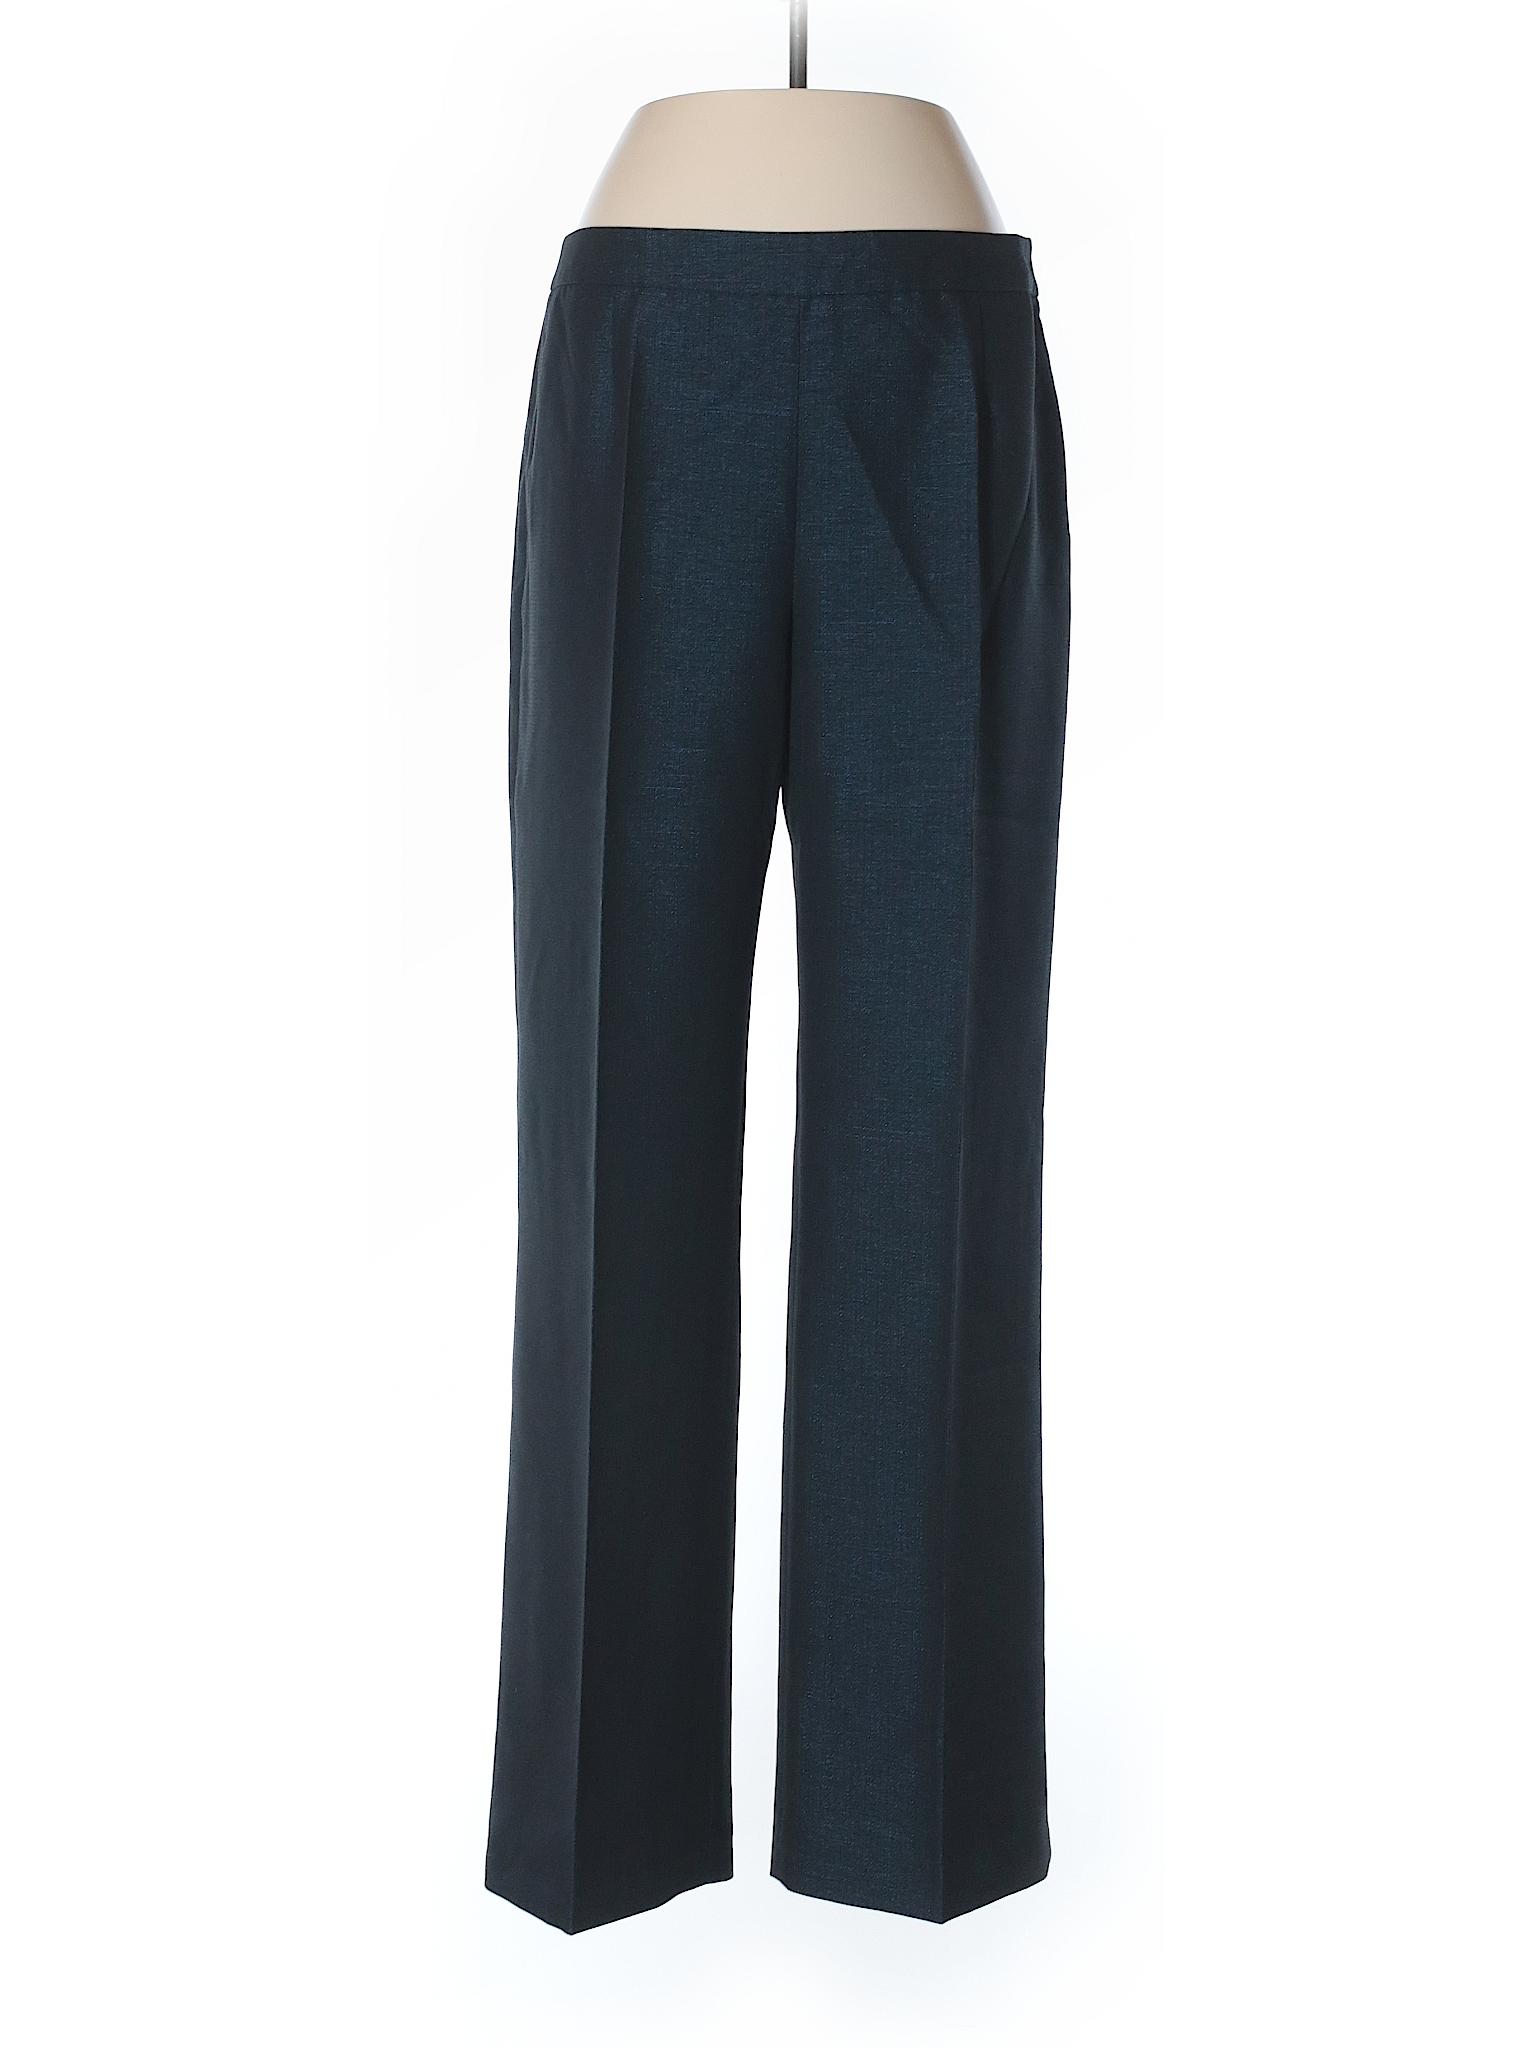 Suit winter Pants Dress Boutique Le AvqxE